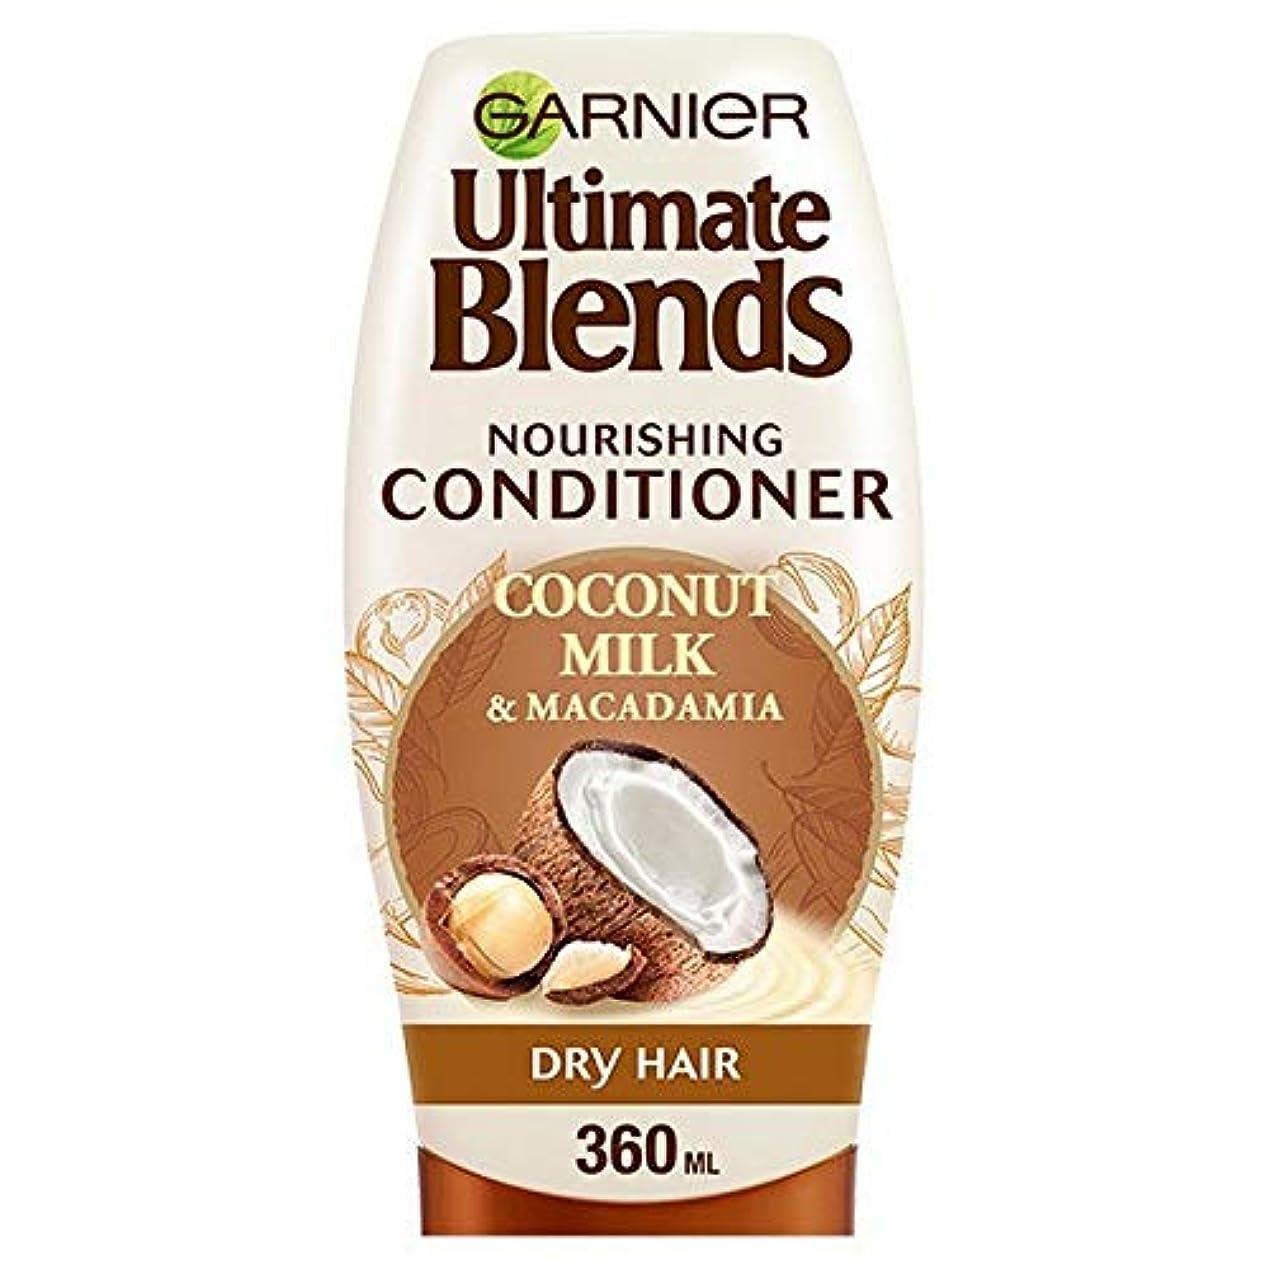 ブロー抽出ビーム[Garnier ] 究極のブレンドココナッツミルクドライヘアコンディショナー360ミリリットル - Ultimate Blends Coconut Milk Dry Hair Conditioner 360ml [並行輸入品]